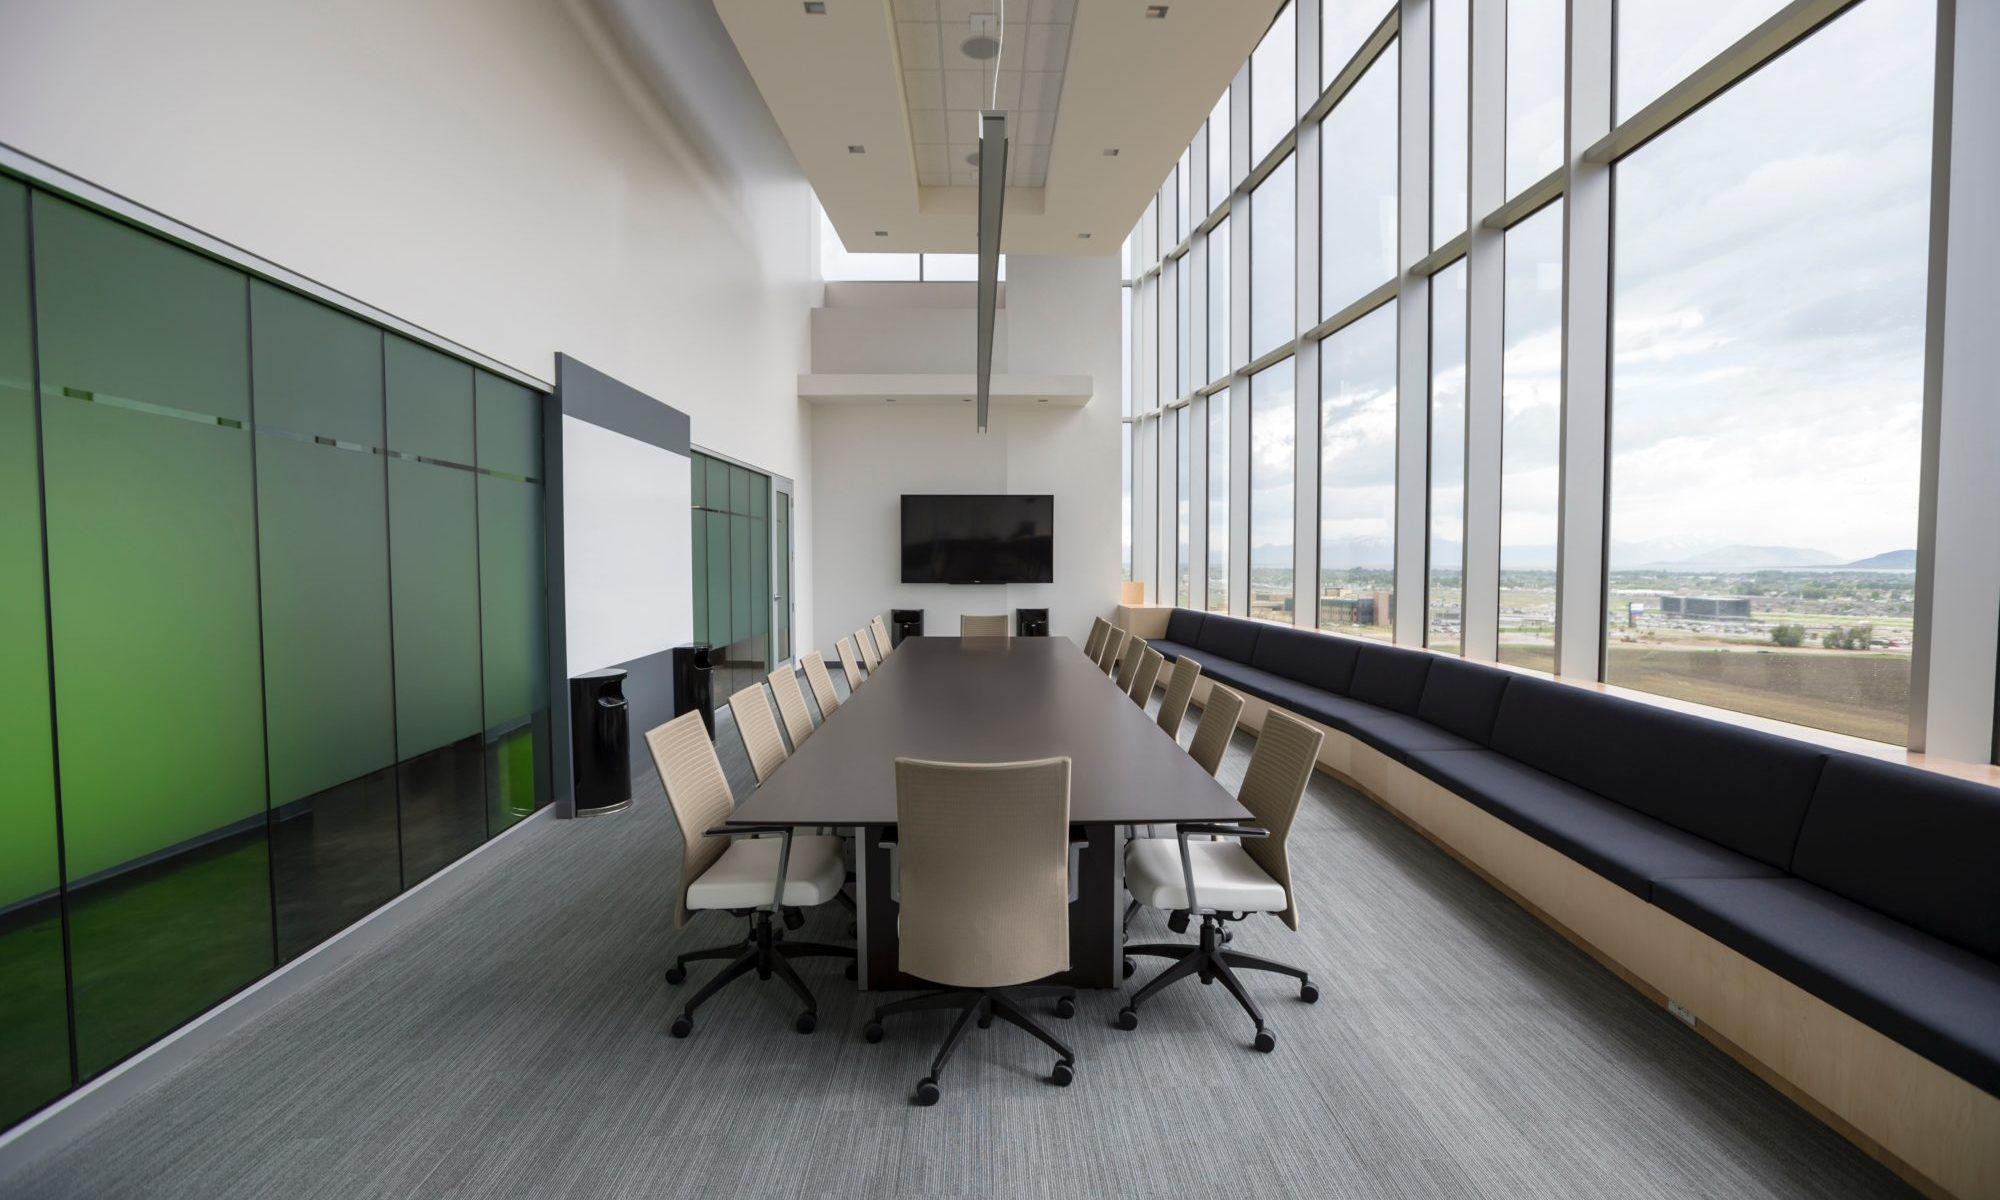 整理整頓された会議室